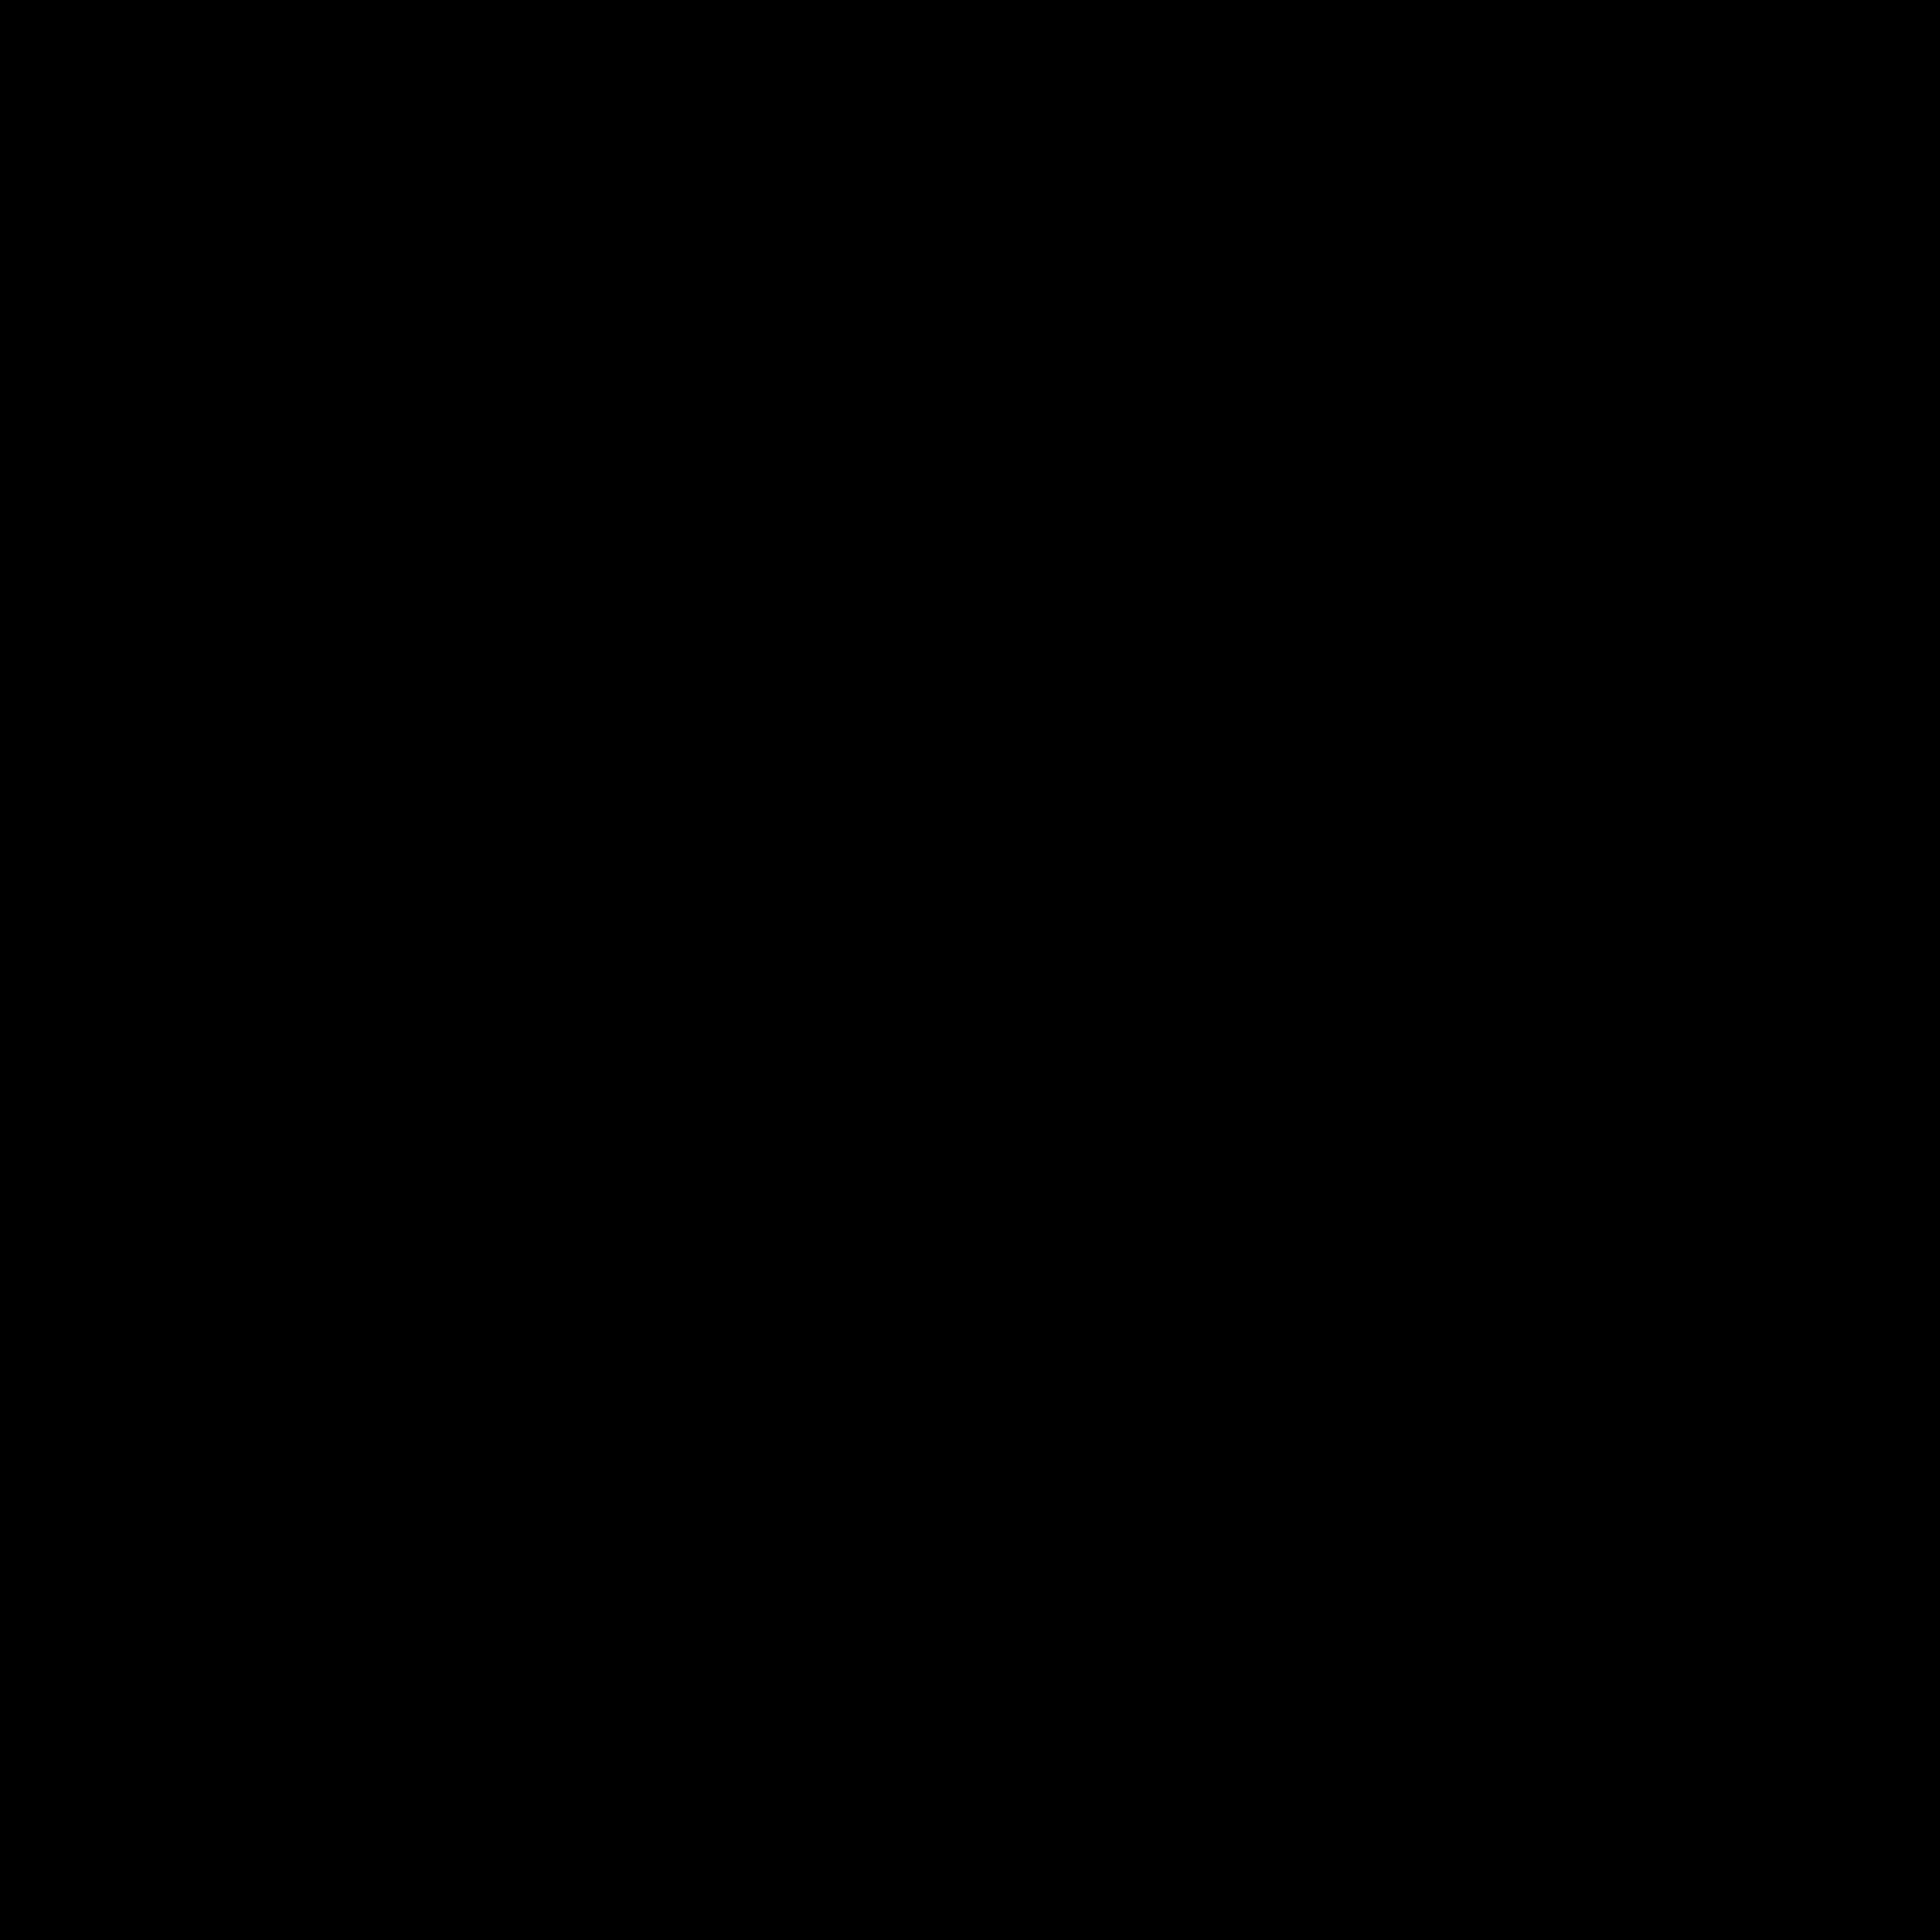 Genius Painting